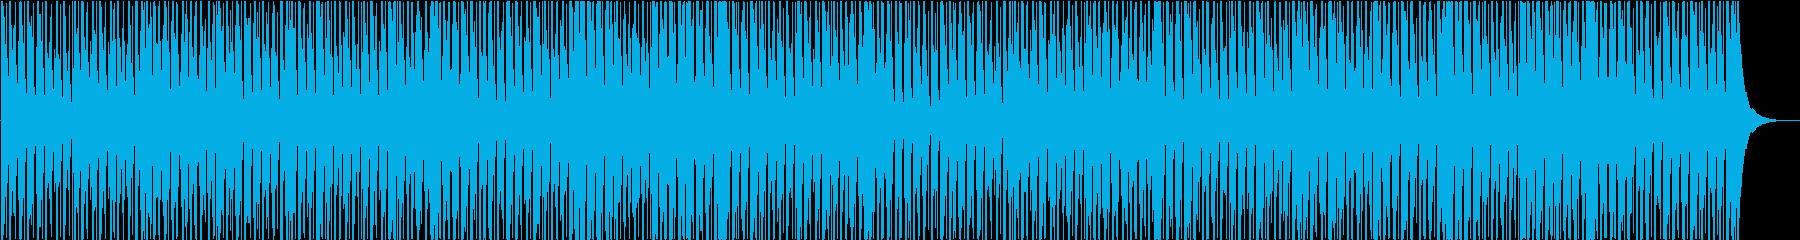 幸せ、夏、ウクレレの再生済みの波形